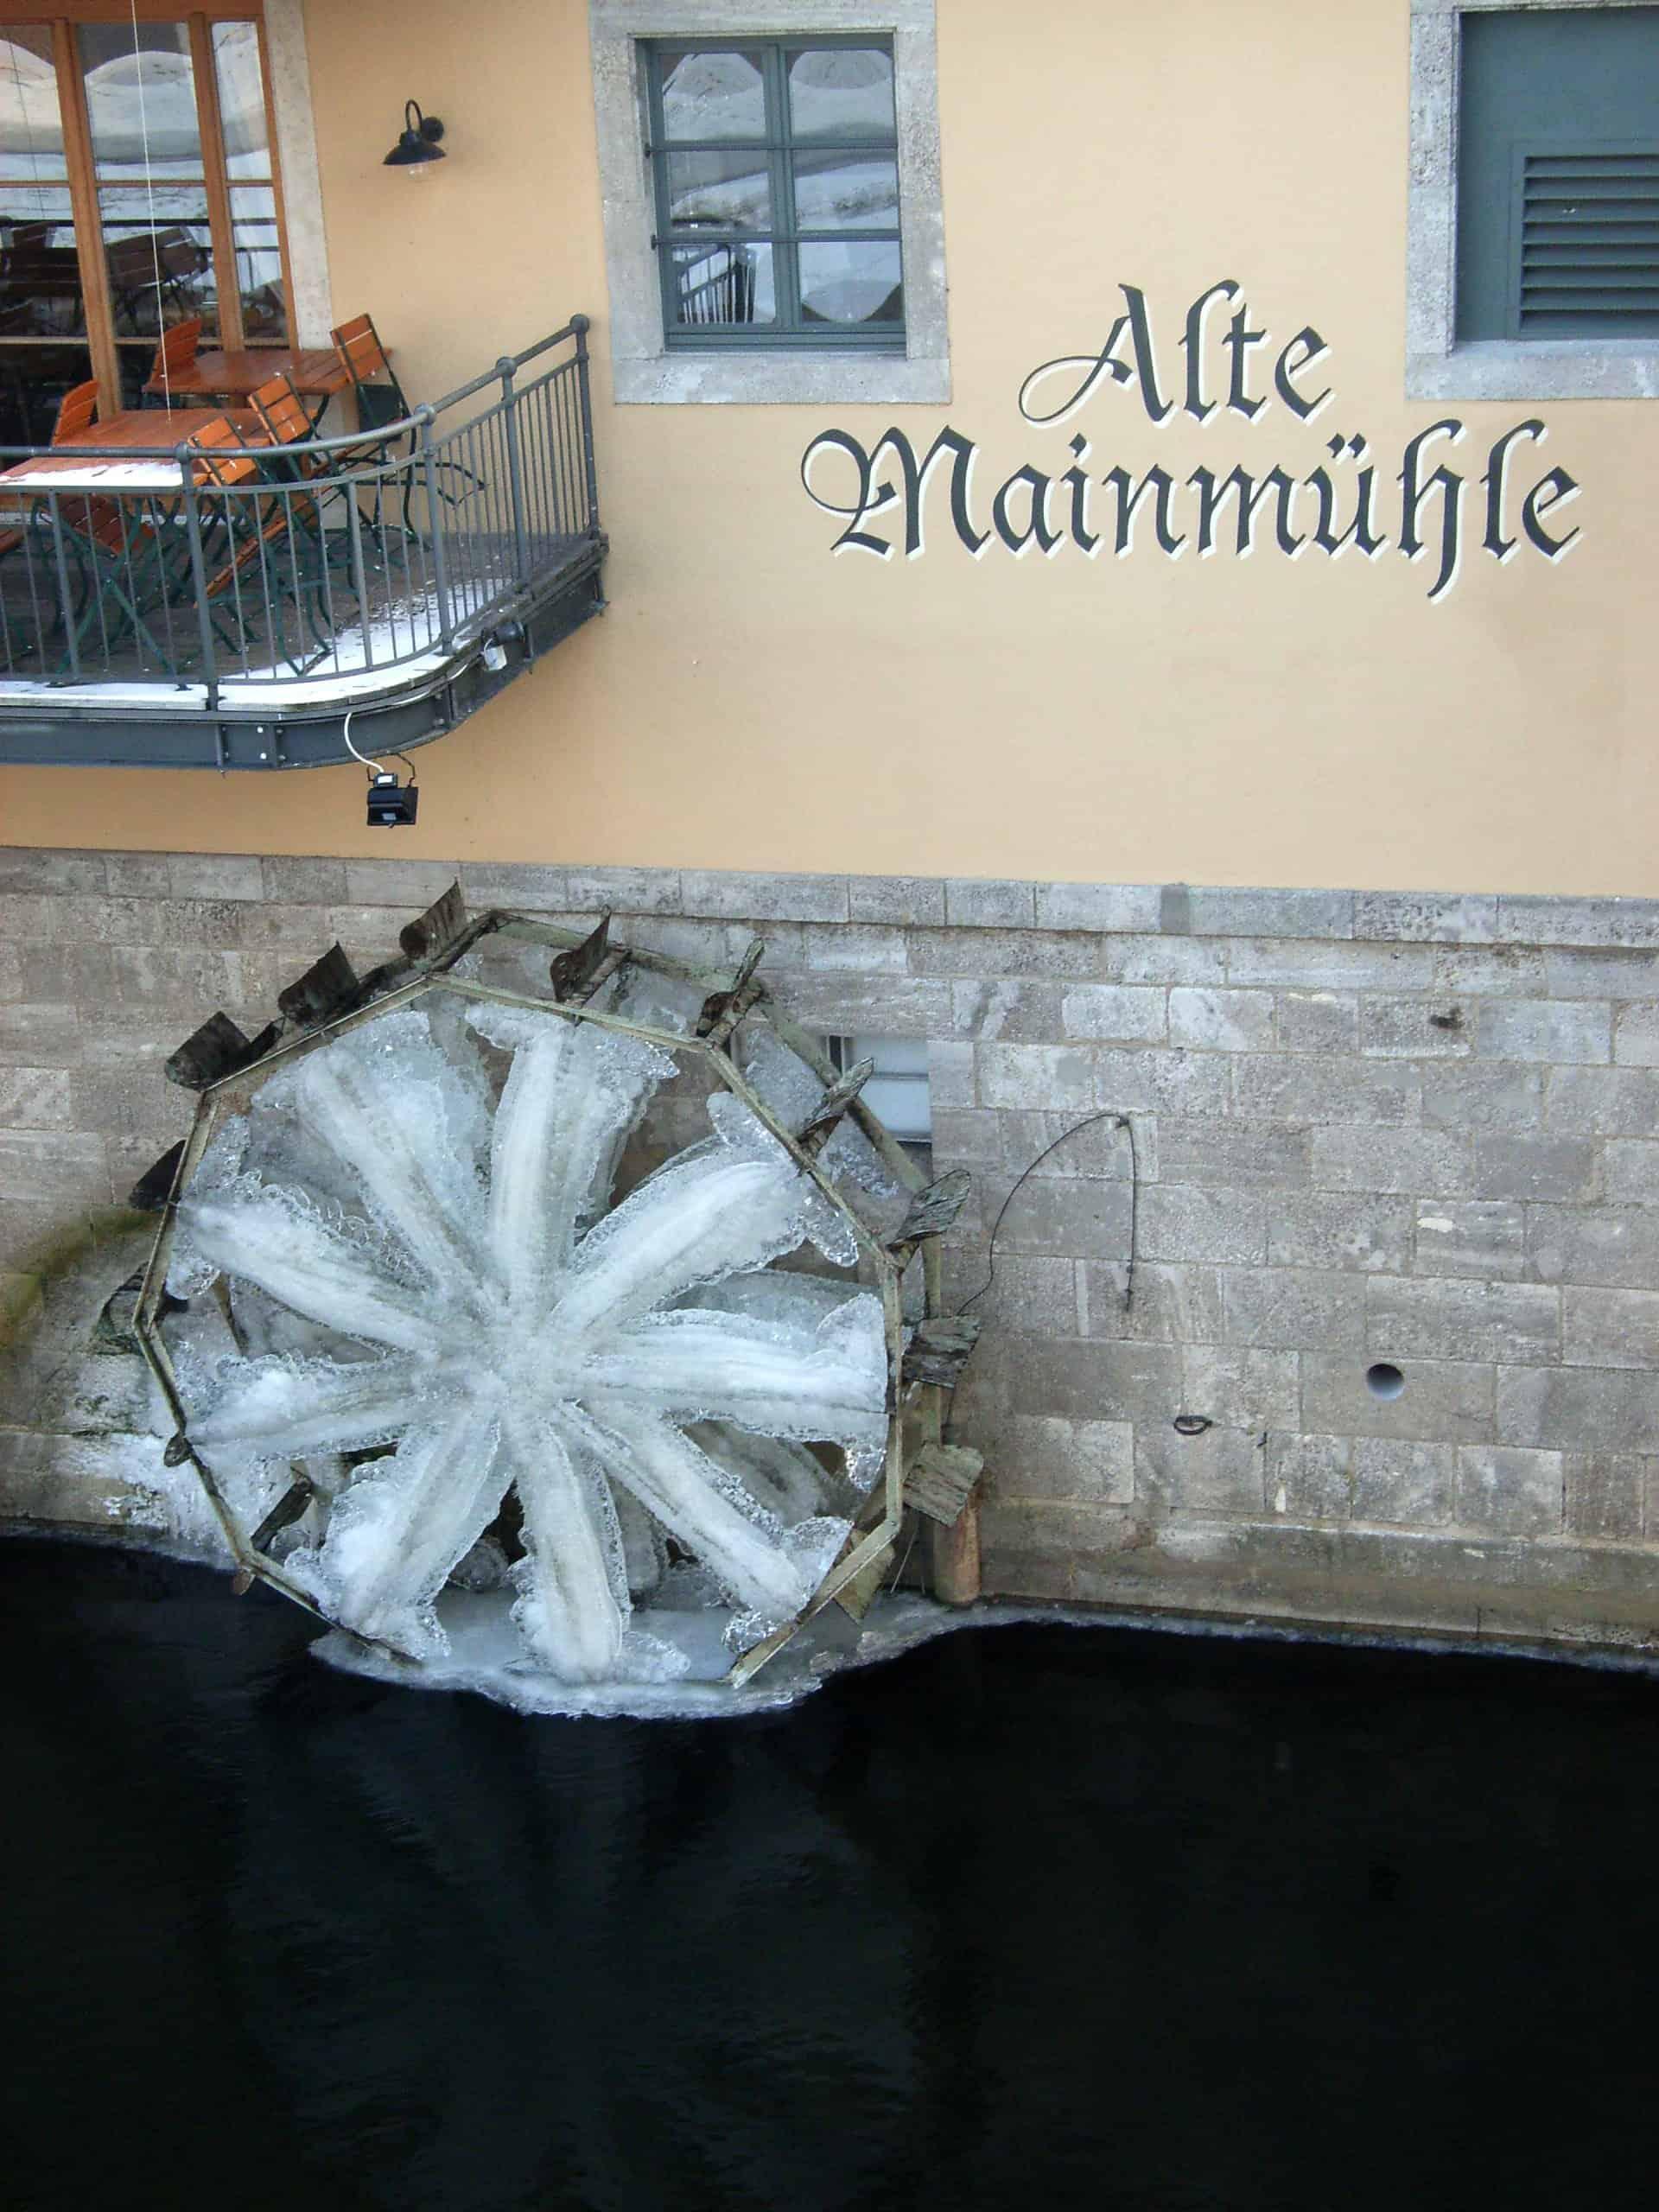 Eingefrorenes Mühlrad an der alten Mainmühle